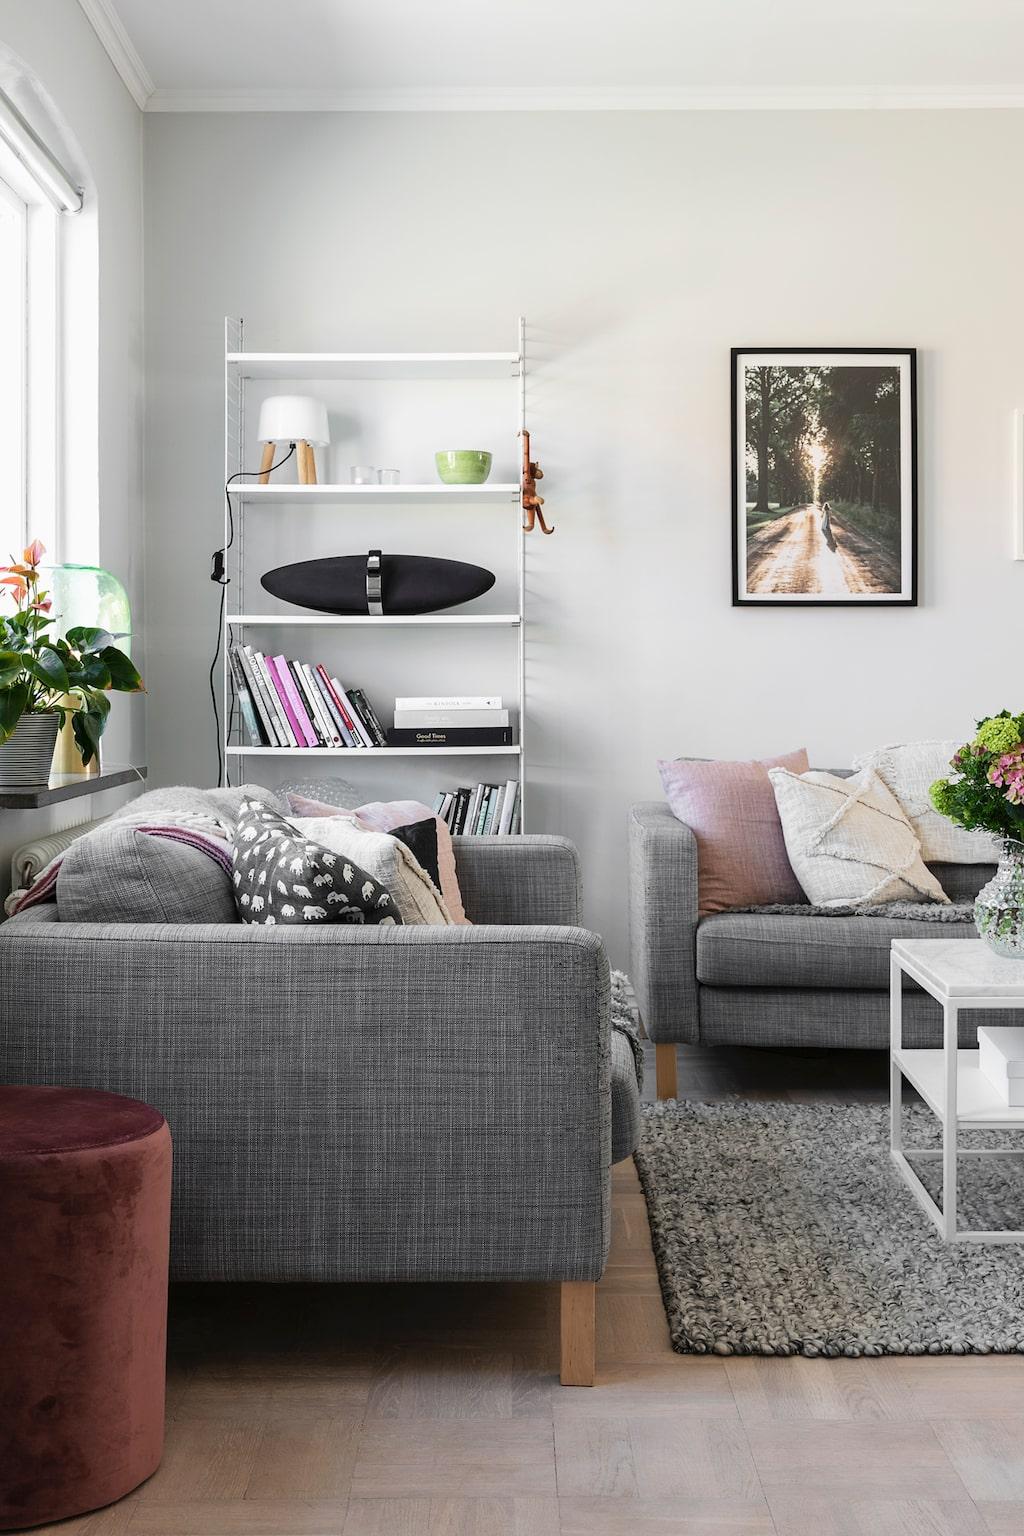 Vardagsrummet är omsorgsfullt inrett för att erbjuda lugn och harmoni. Cecilias favoritfärg rosa accepteras av Magnus så länge den ingår i en ljus och luftig helhet. Sofforna kommer från Ikea. Soffbordet är ett hemmabygge. Matta från Trendrum. Blandade kuddar från Svenskt Tenn, H&M Home och Dixie. I Stringhyllan står en lampa som sprider ett milt ljus genom sin mjölkvita skärm. Lampa från &tradition.